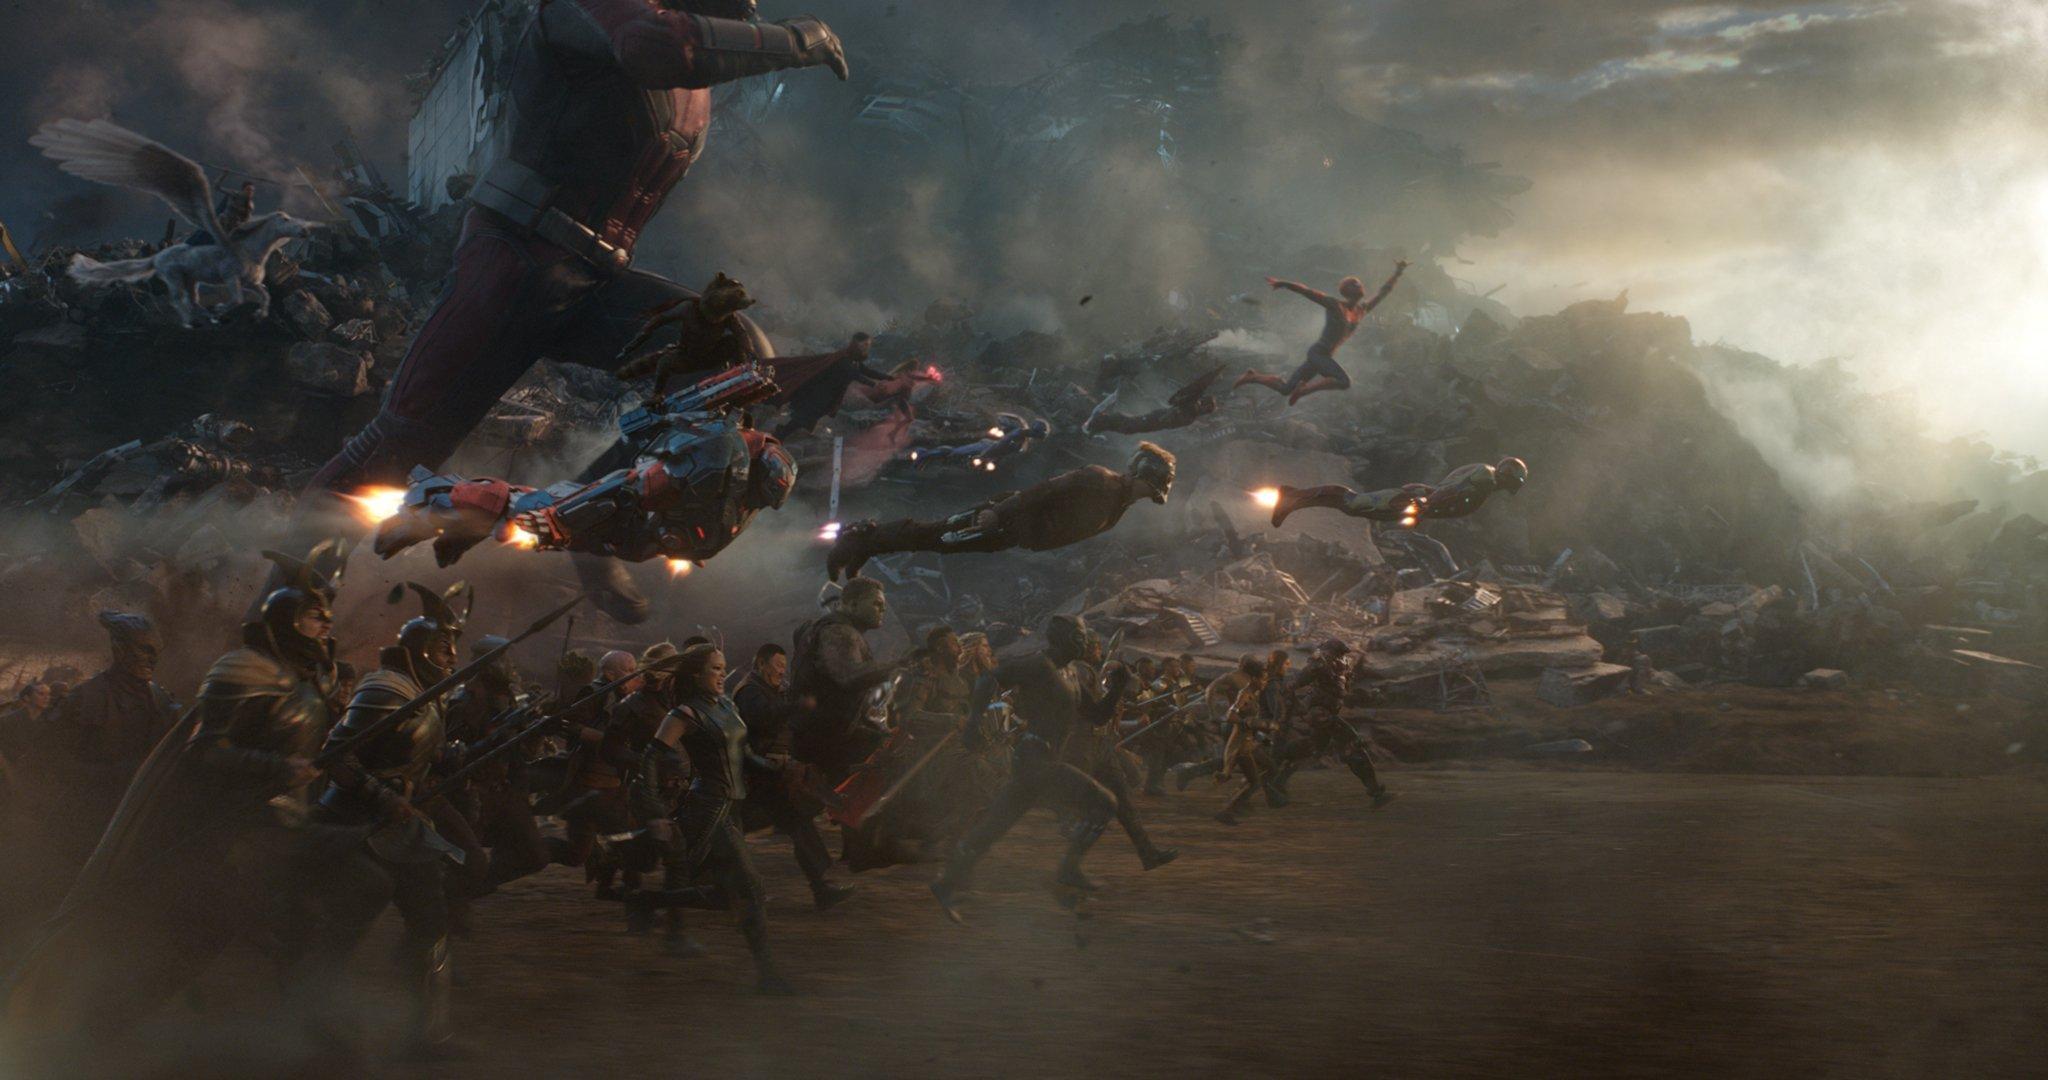 Avengers Endgame Hires Still 1 - Assemble